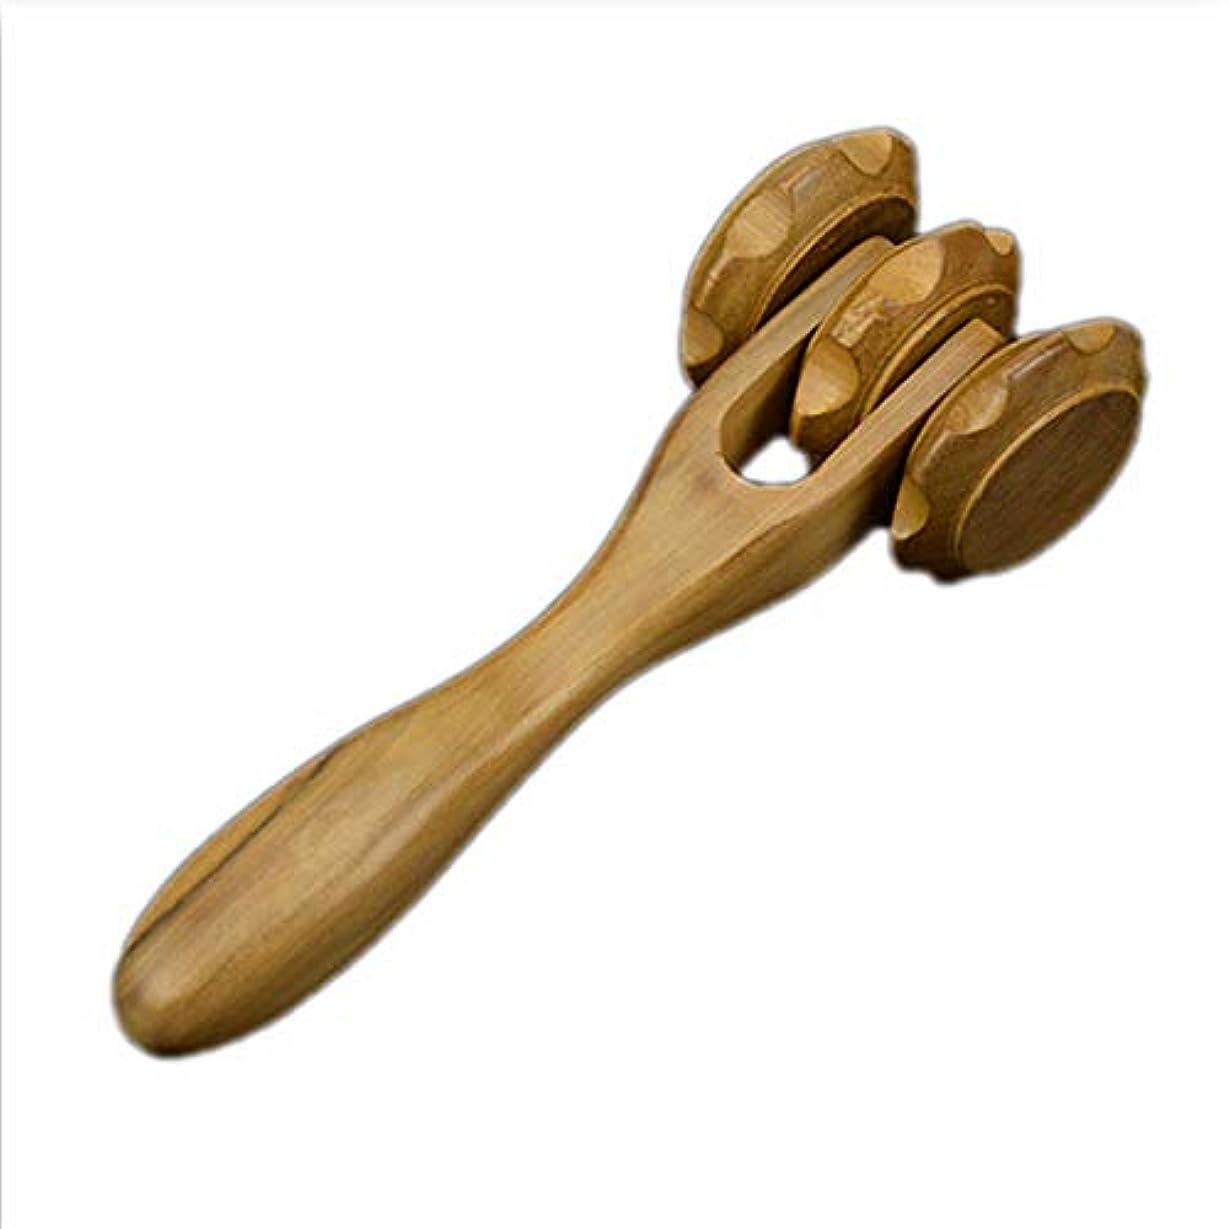 式虫を数えるガードフェリモア マッサージローラー 木製 ツボ押し 3連ローラー 首 肩 腰 二の腕 美顔 筋肉 (ブラウン)